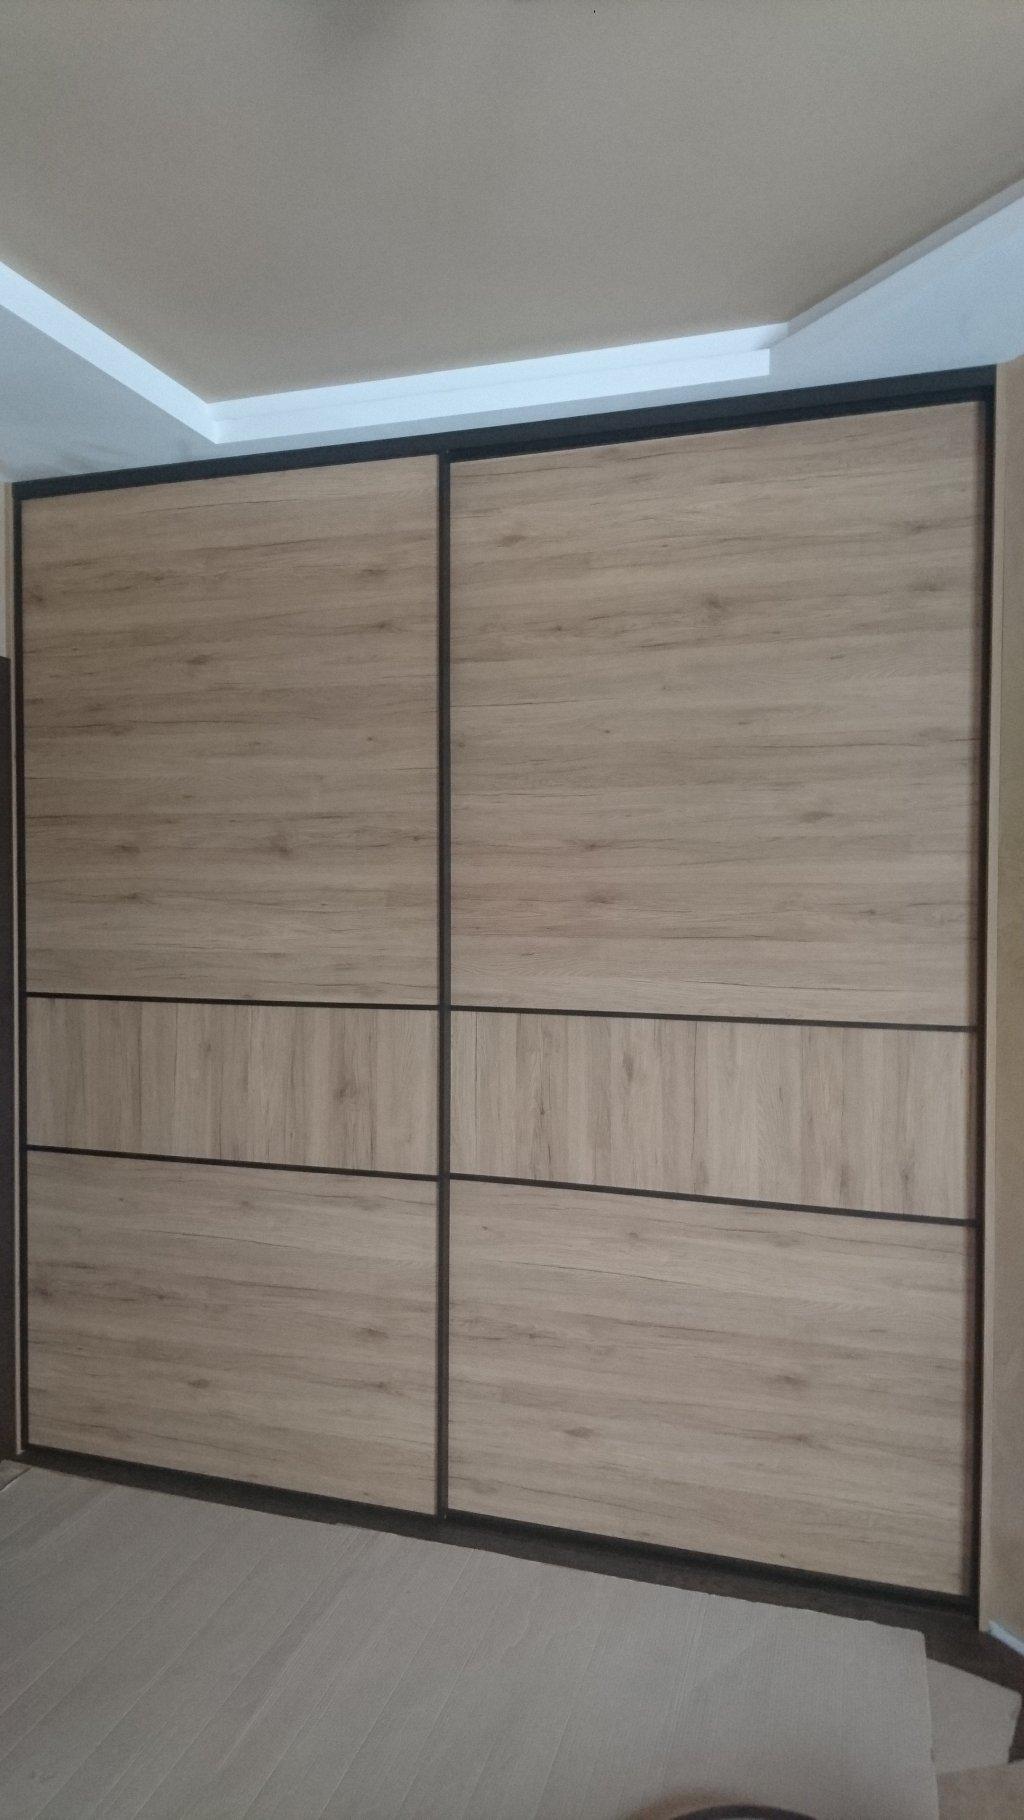 отличное качество + гарантия - Рекомендую всем Plitka.ua + мебель и др.